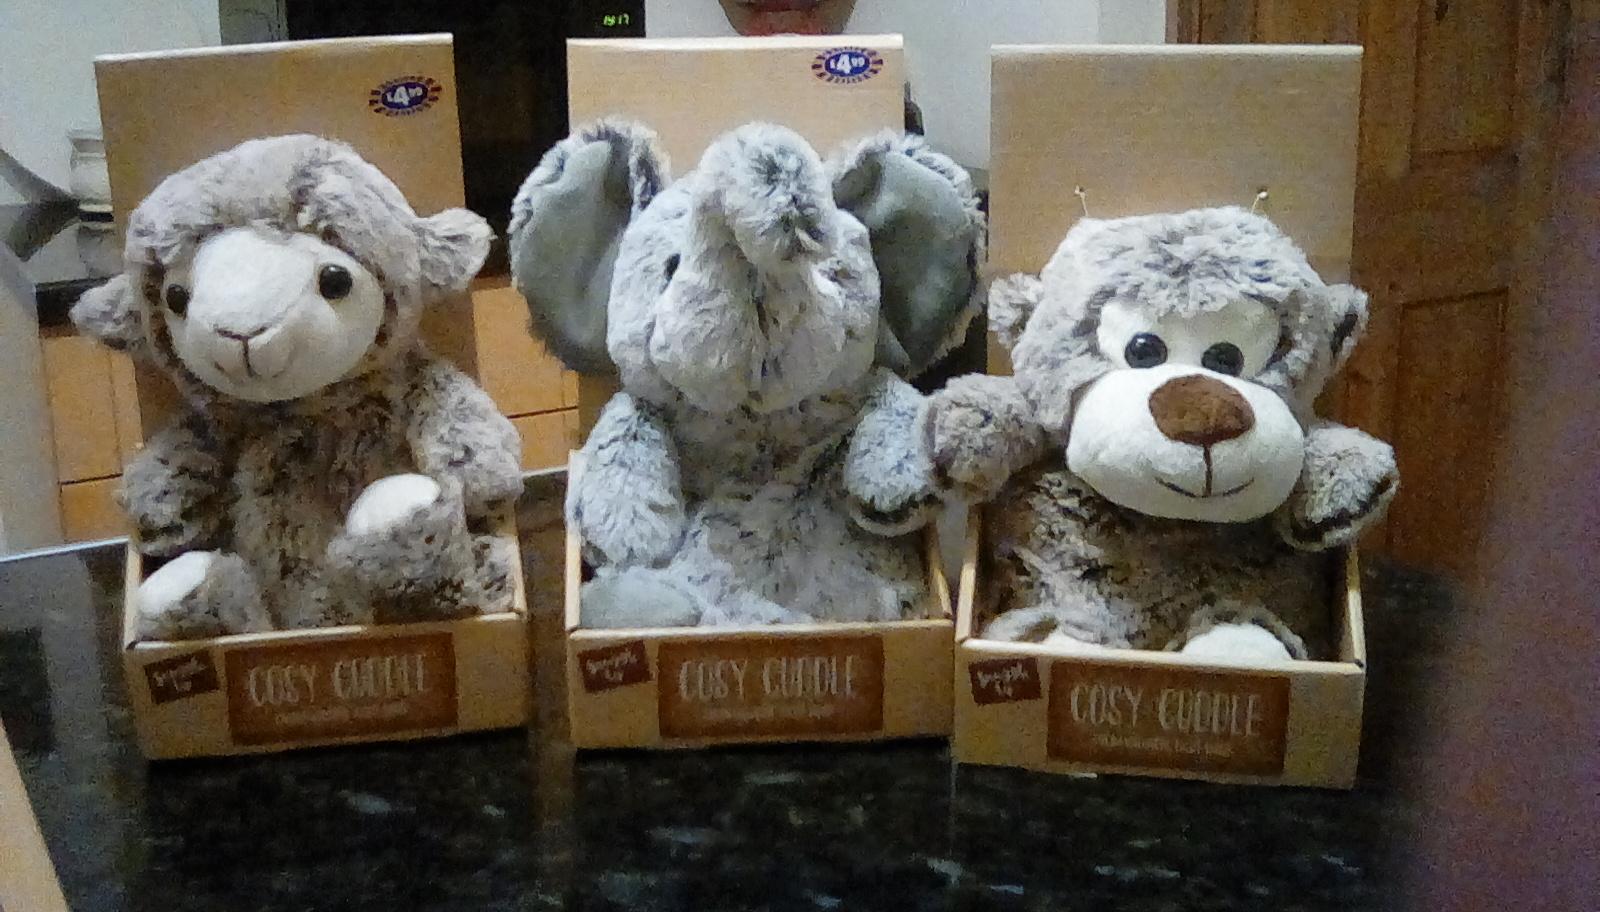 Cosy Cuddle Heat Bag £1.99 (was £4.99) @ B&M